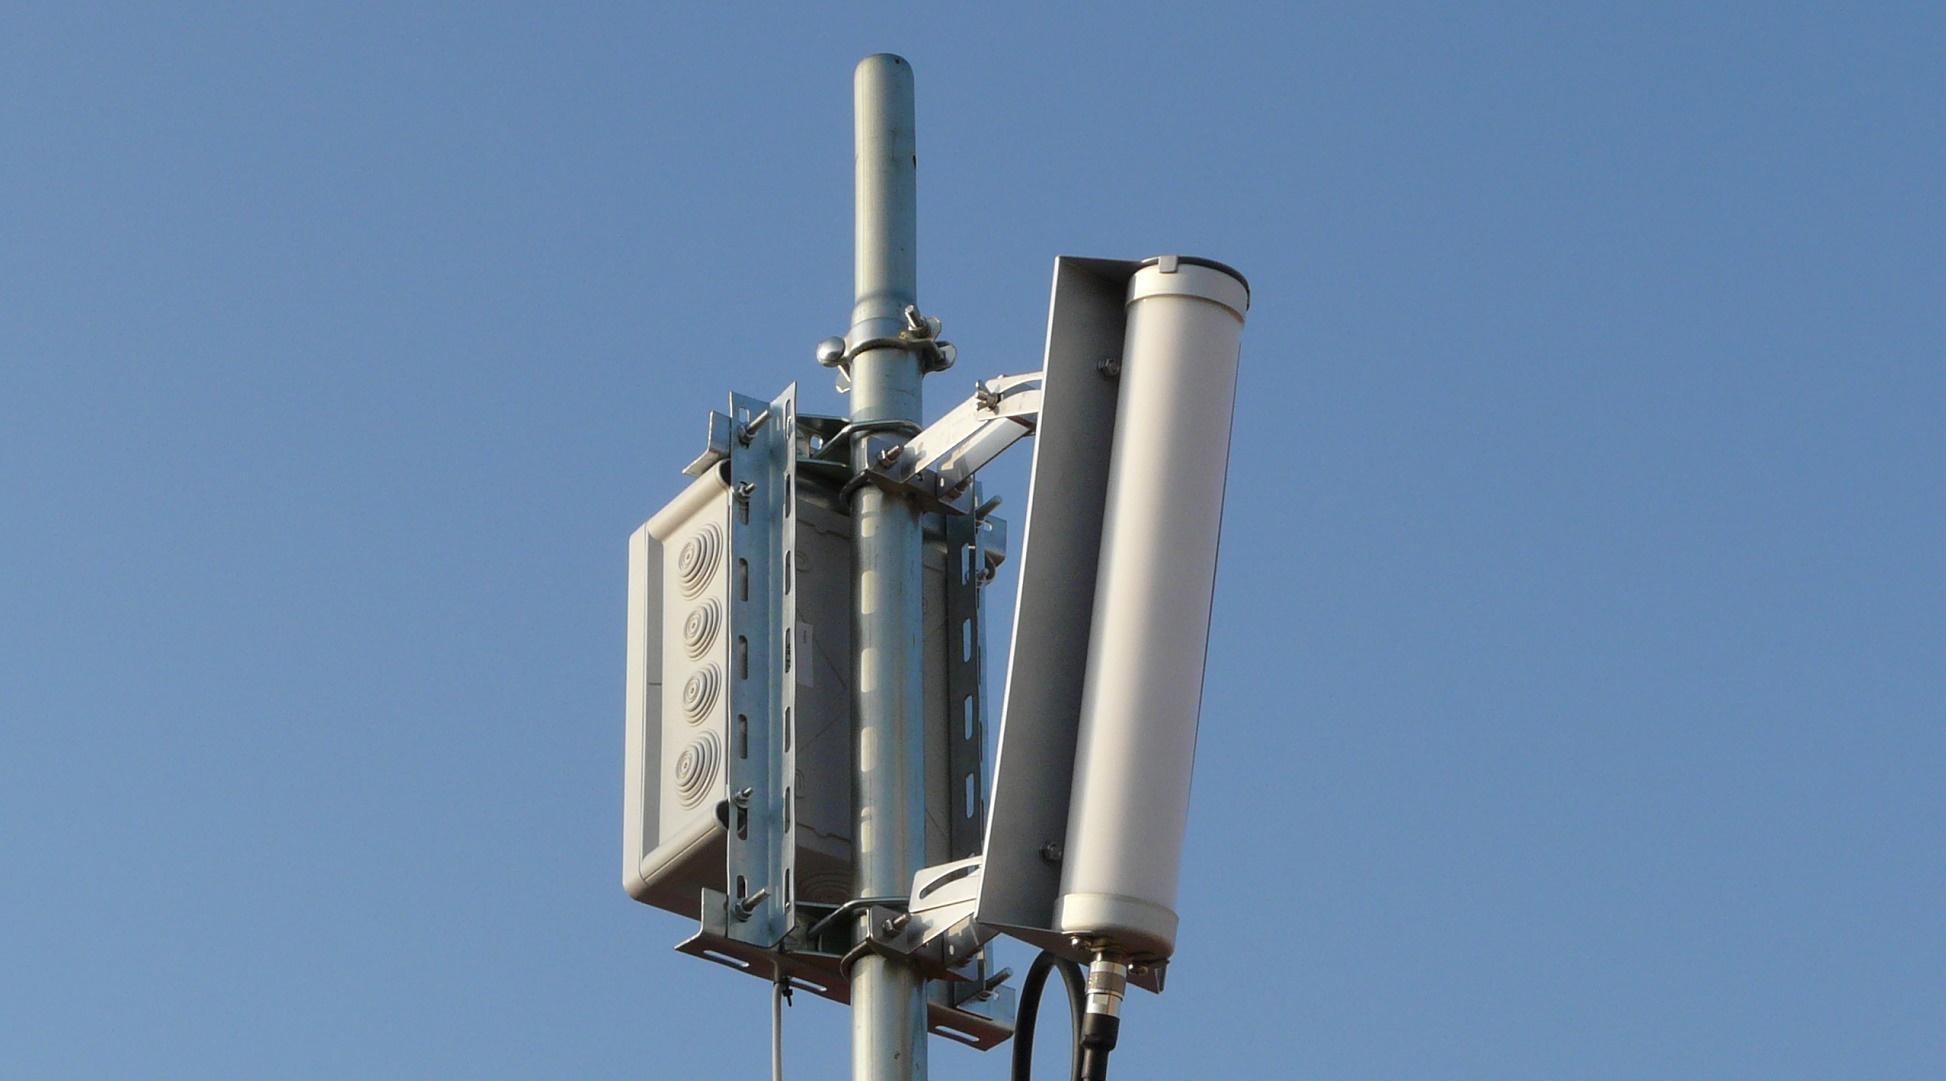 WiFi pasivo: 10.000 veces más eficiente